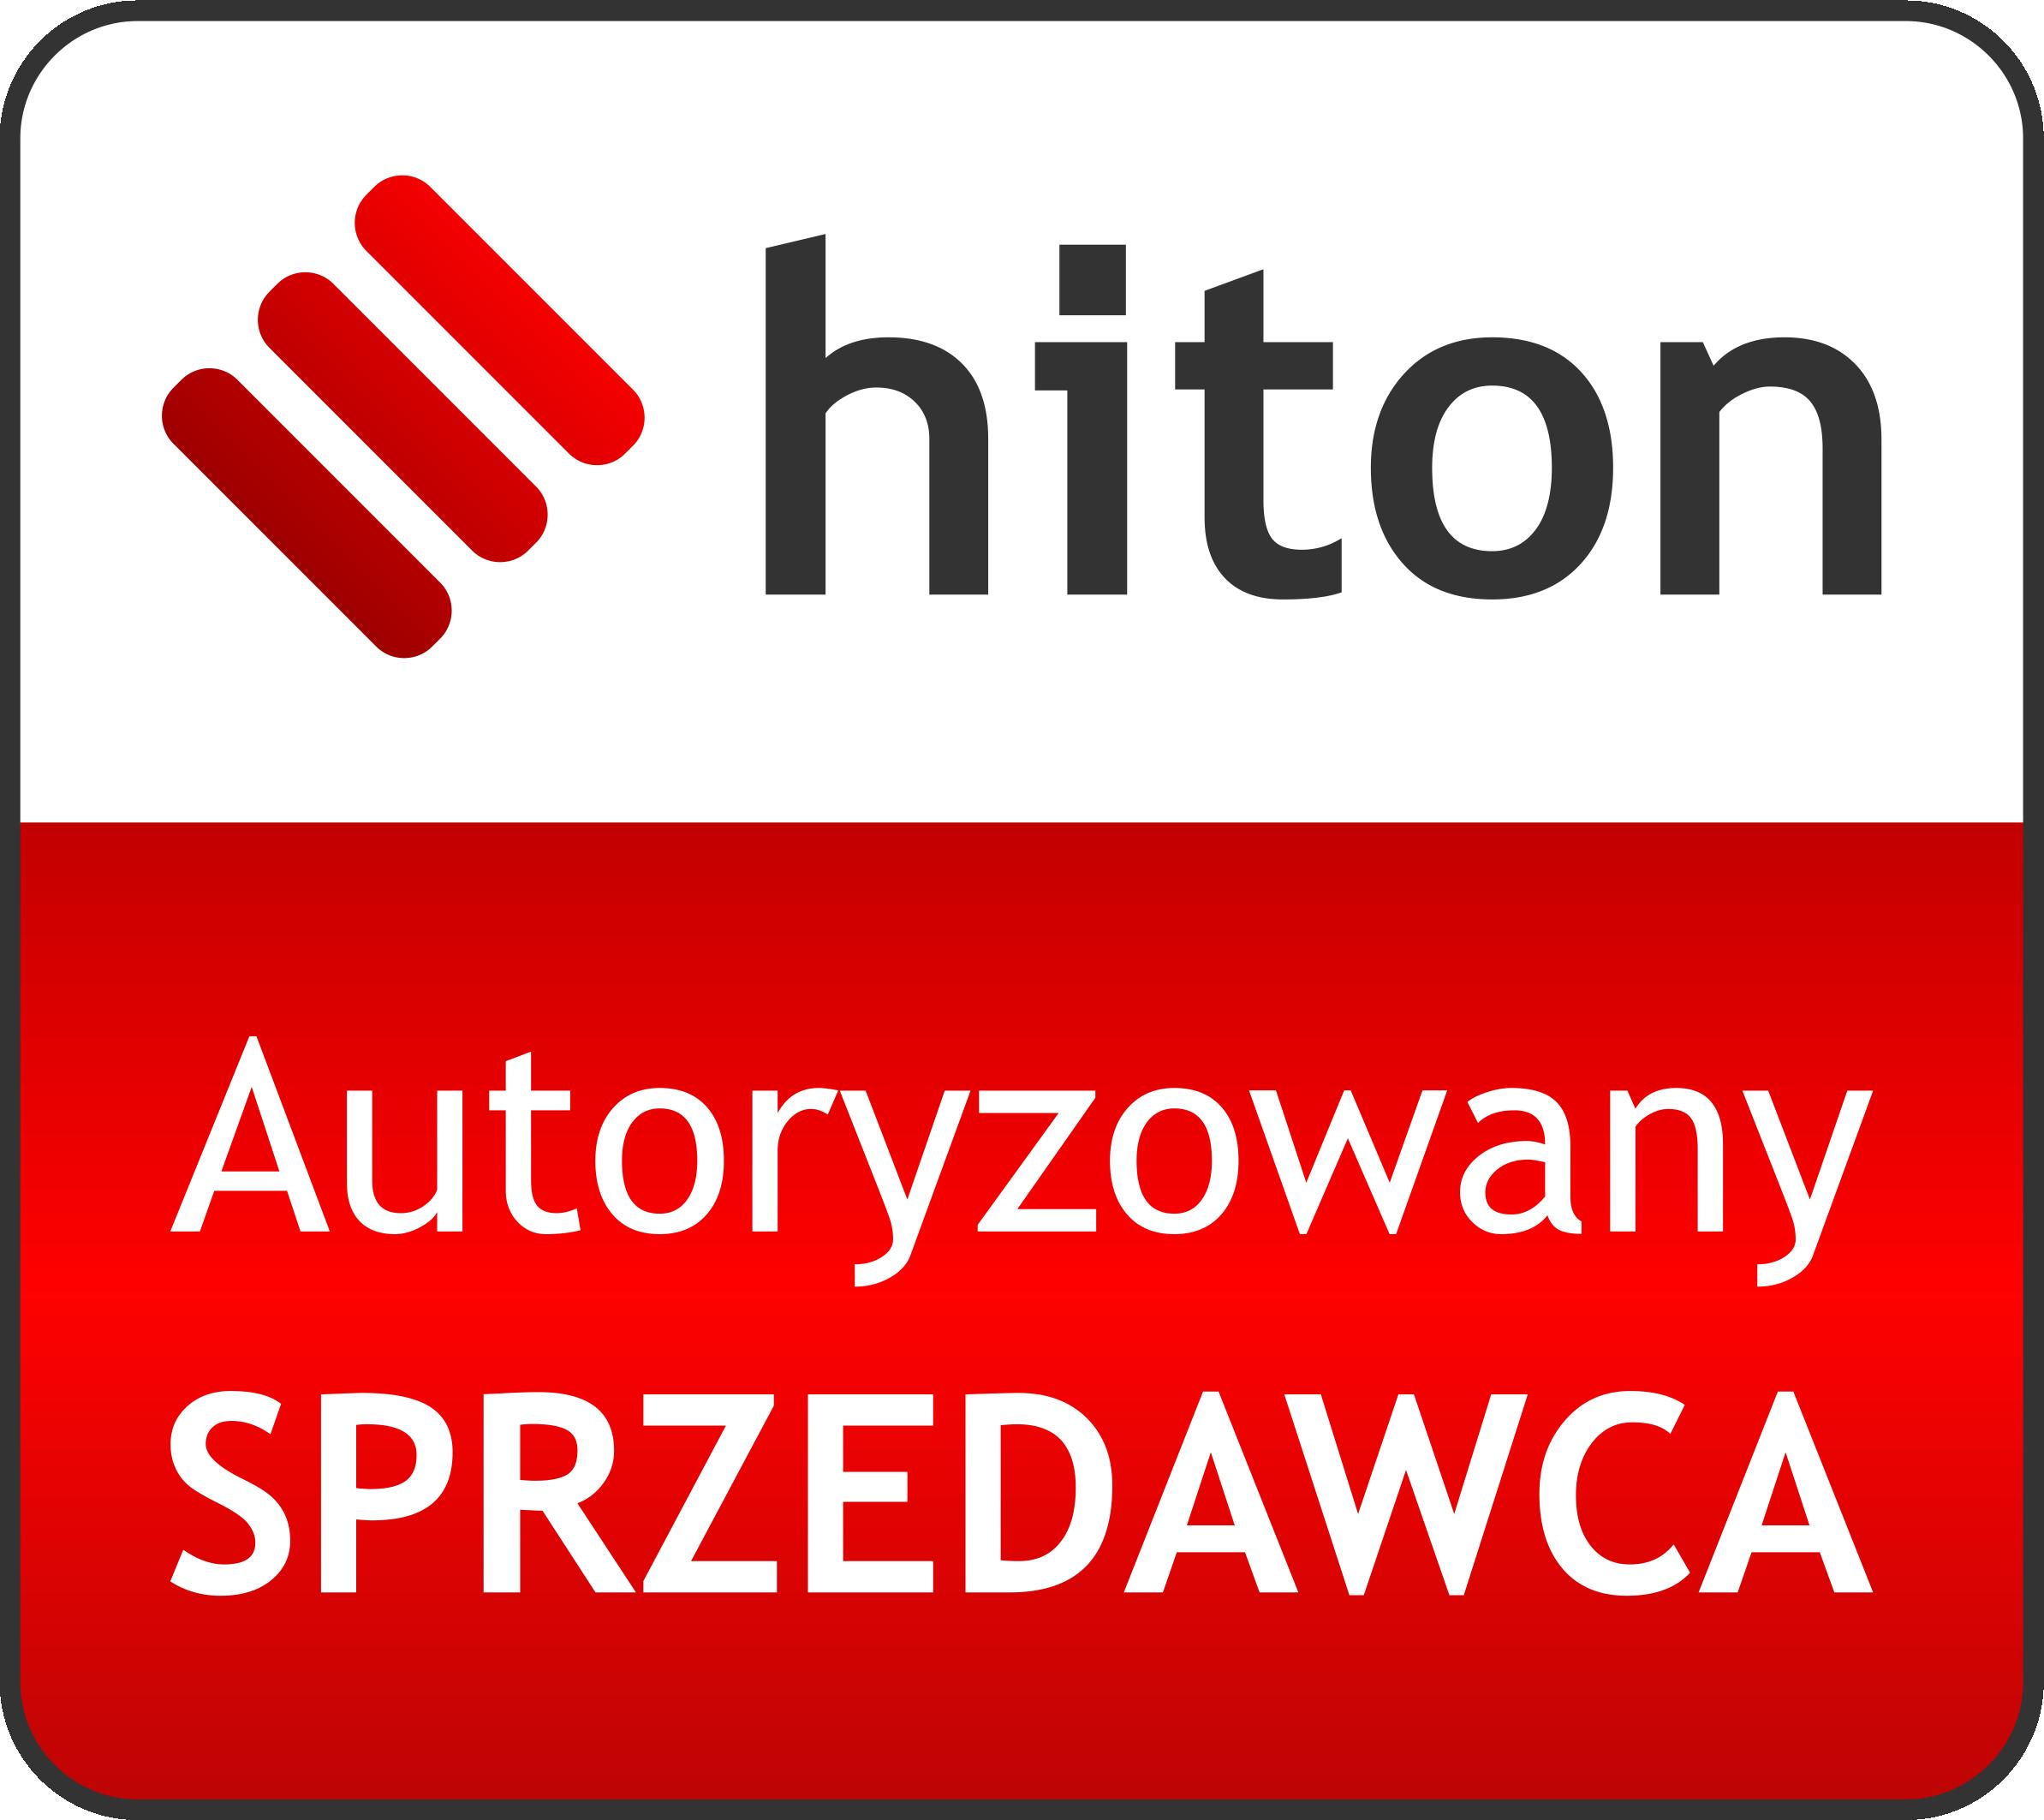 autoryzowany-sprzedawca-hiton.png